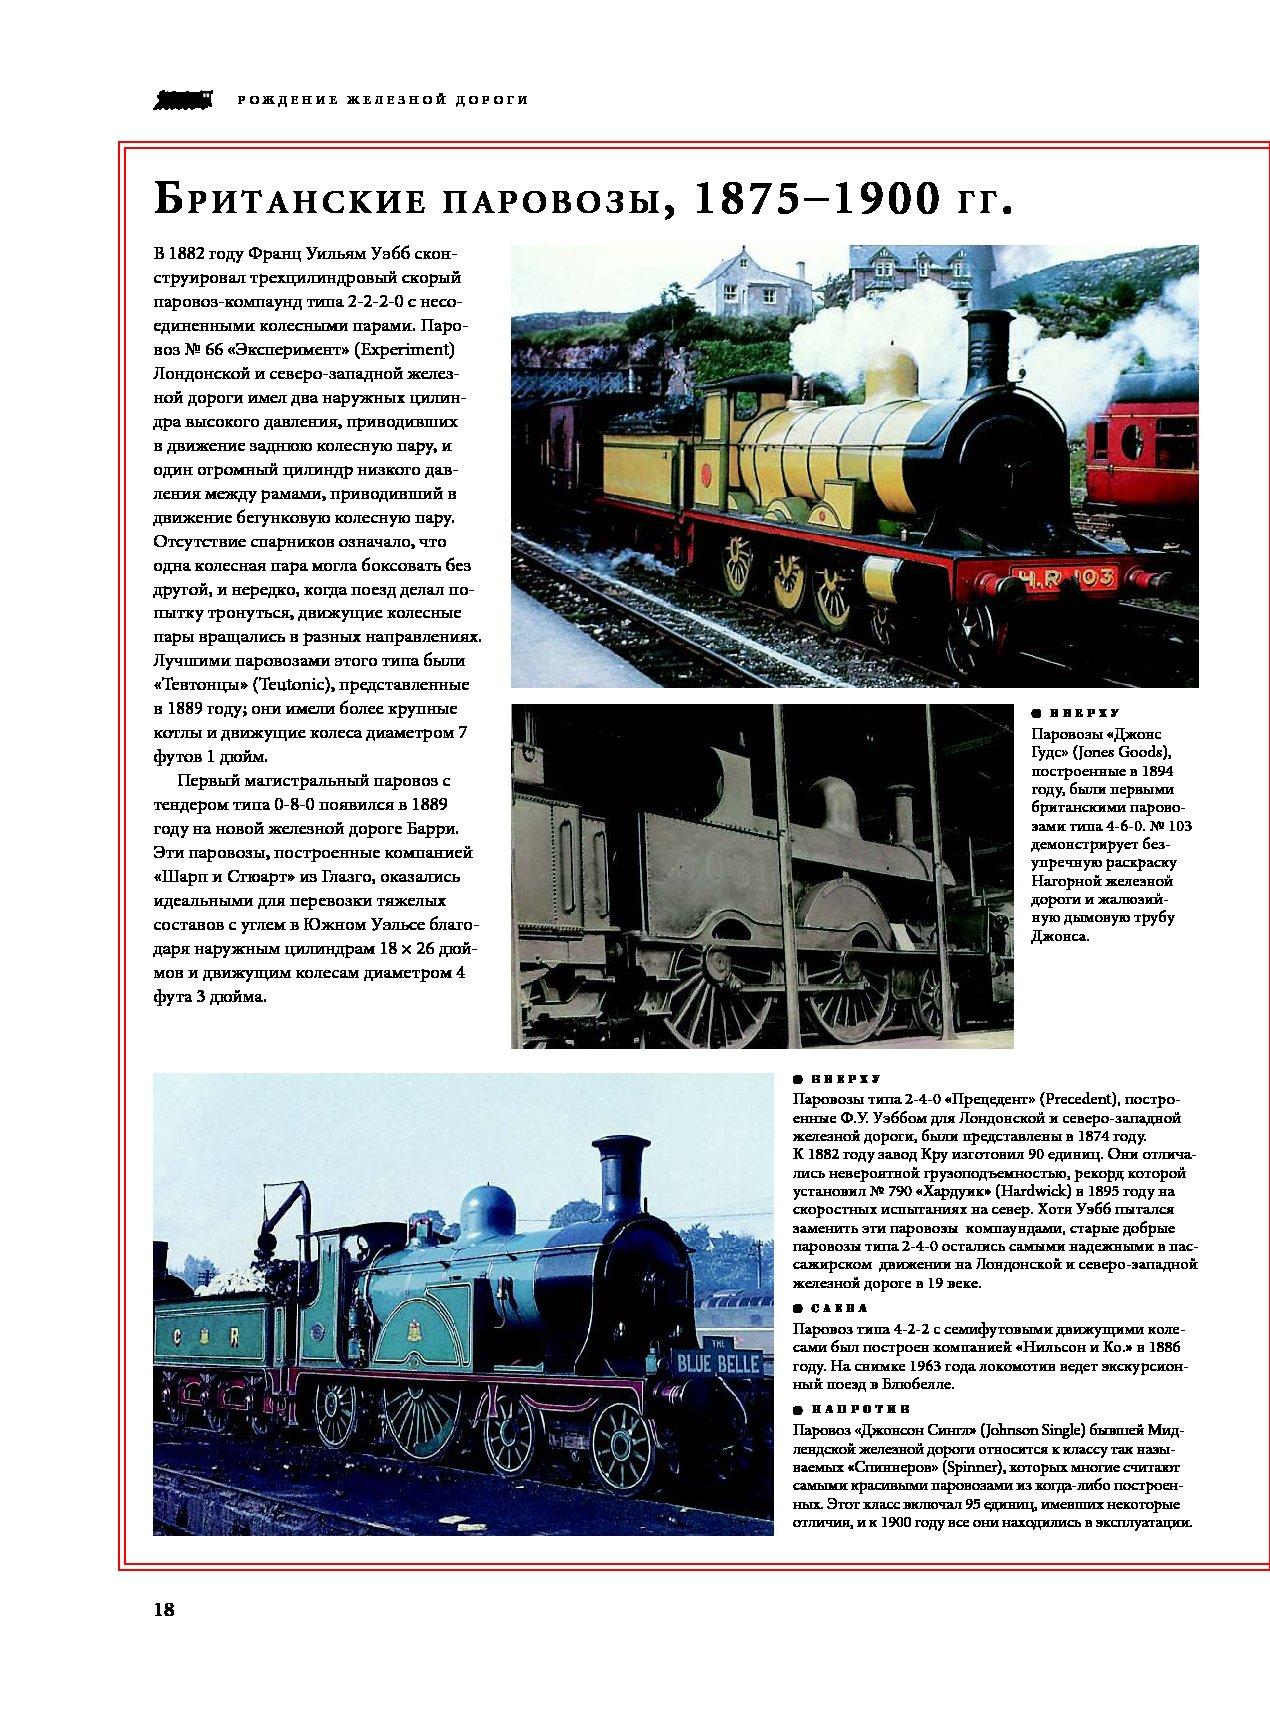 Книга паровозы и локомотивы большая энциклопедия колин гарратт.